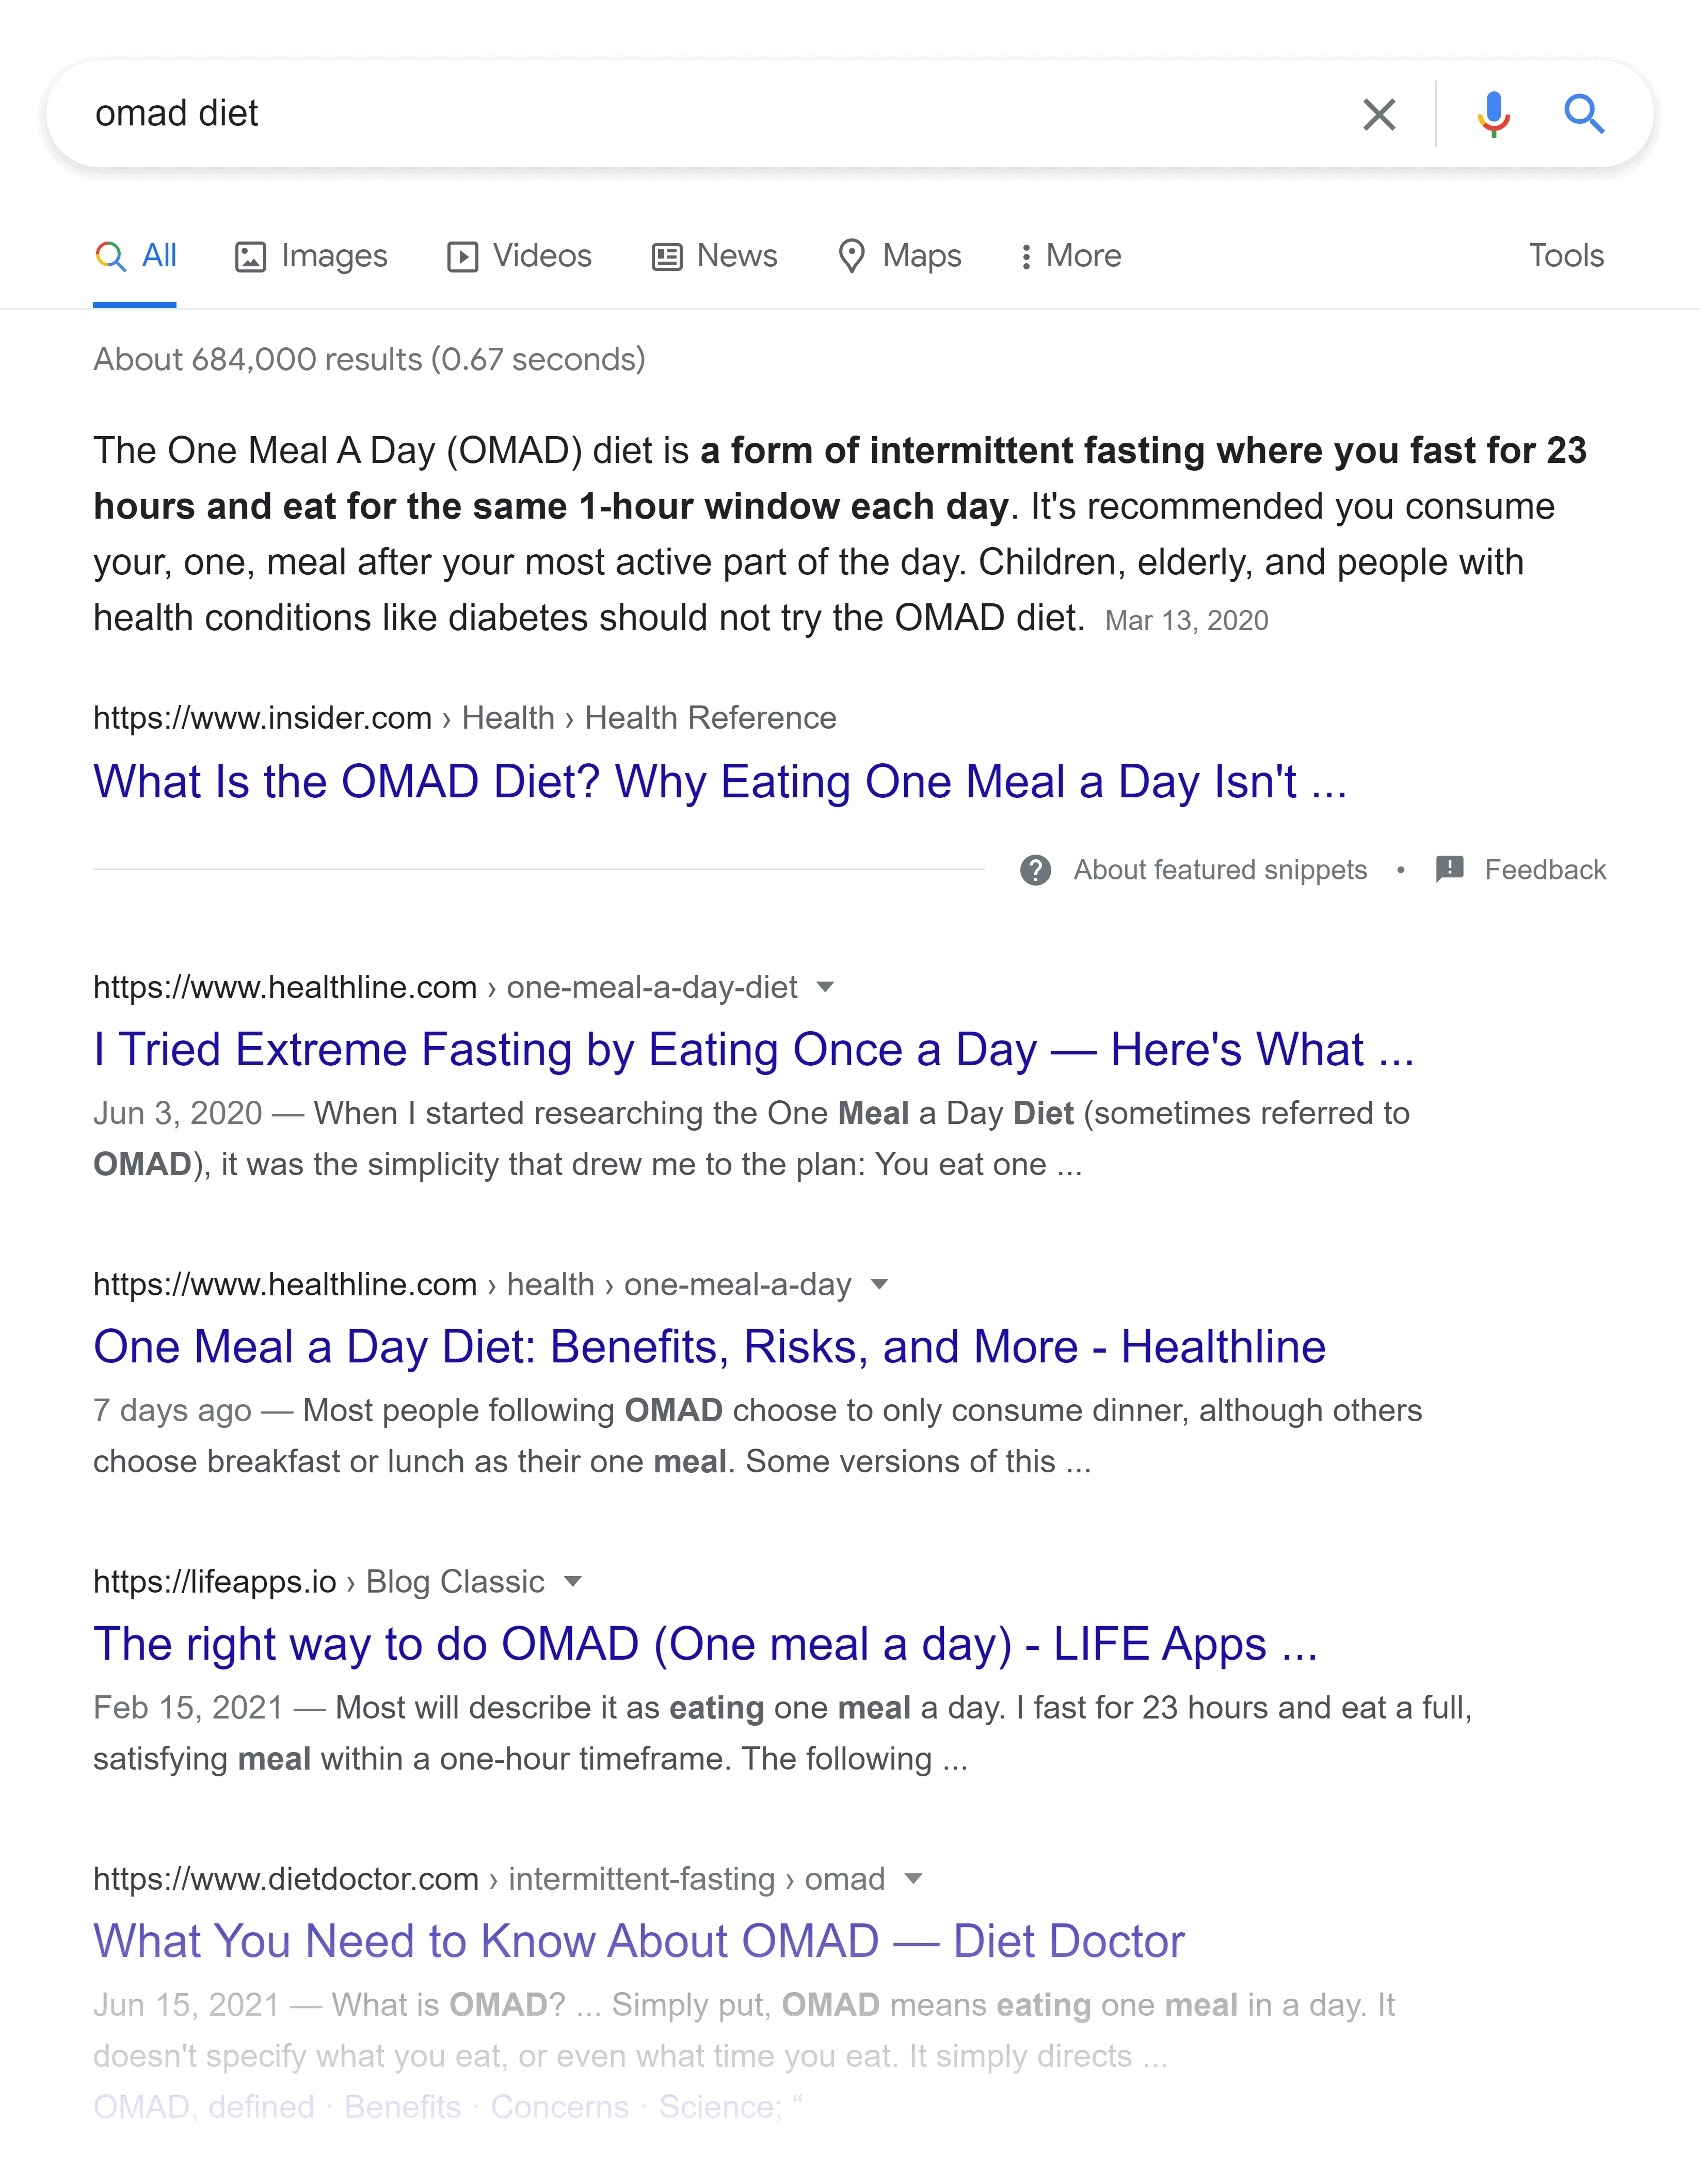 Google SERP – Omad diet